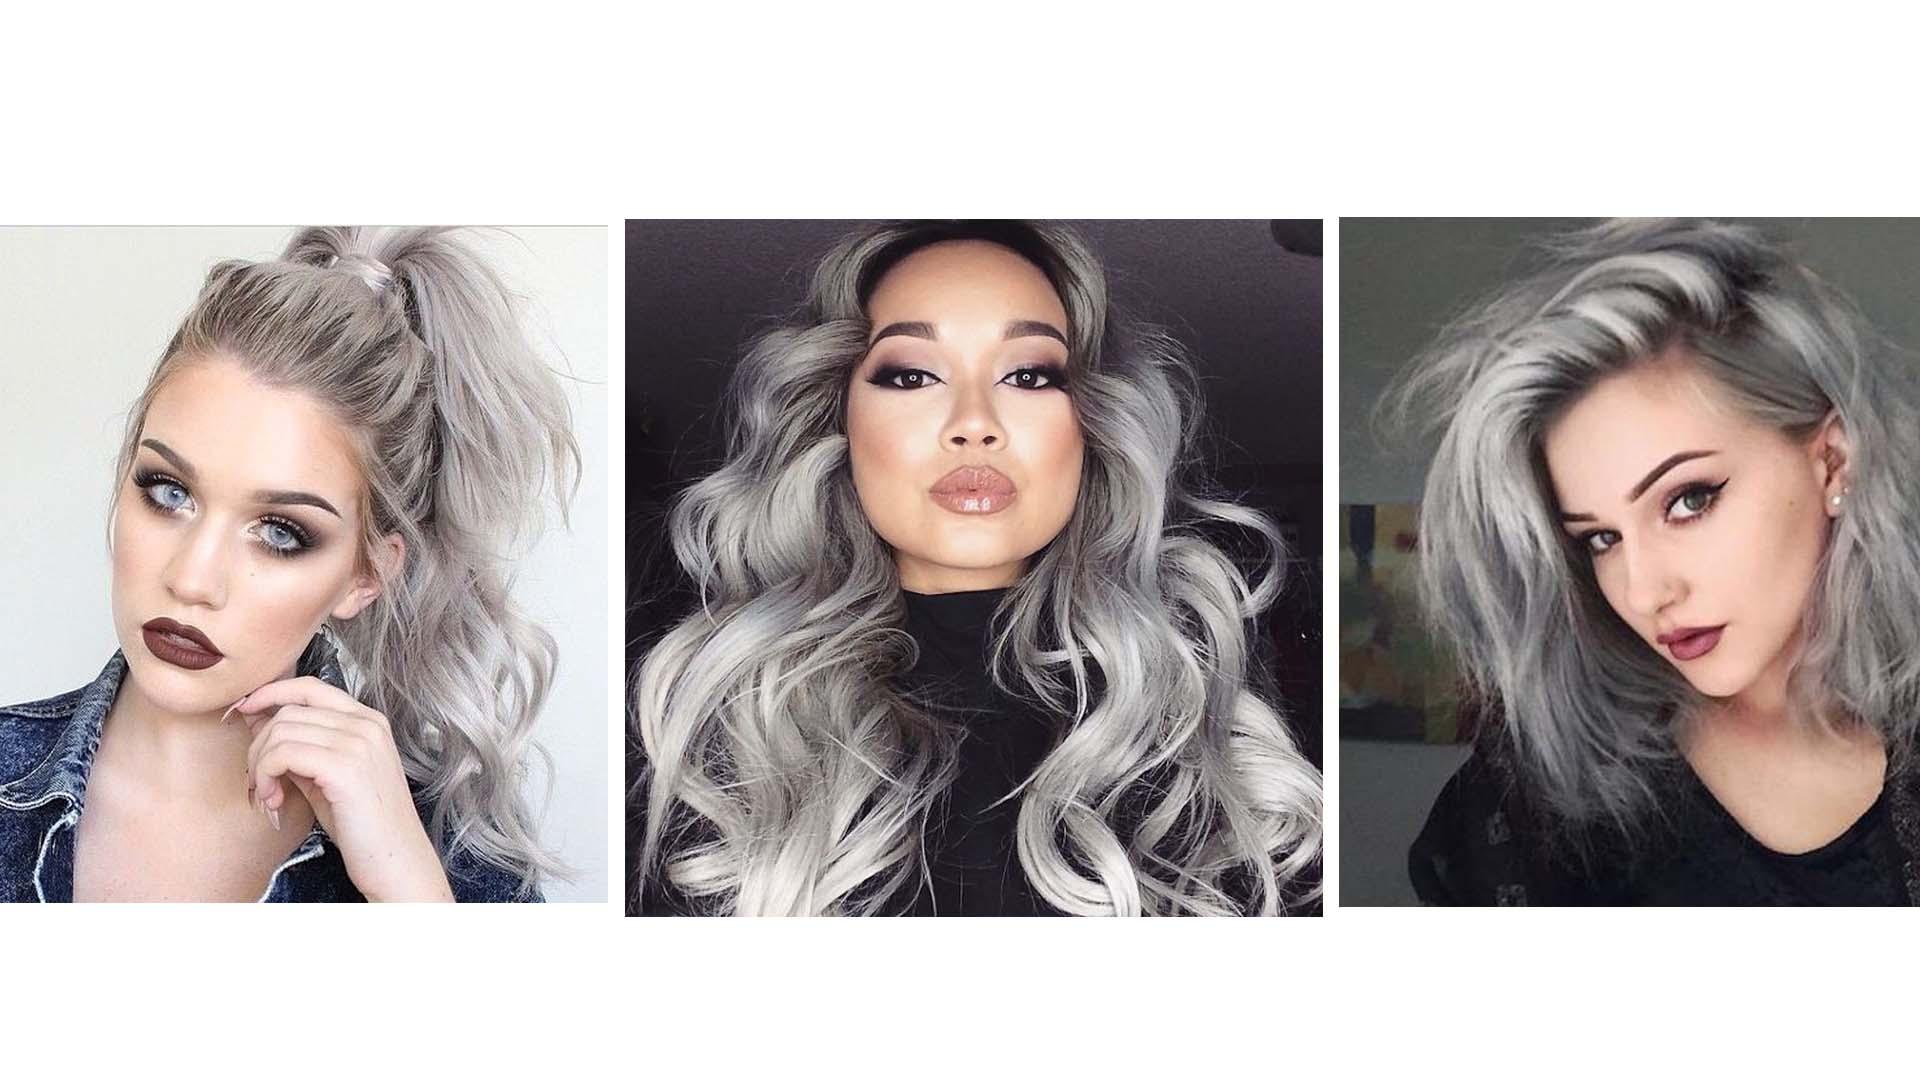 El Granny Hair como denomina esta tendencia consiste en pintarse el cabello de tonos plateados y grises